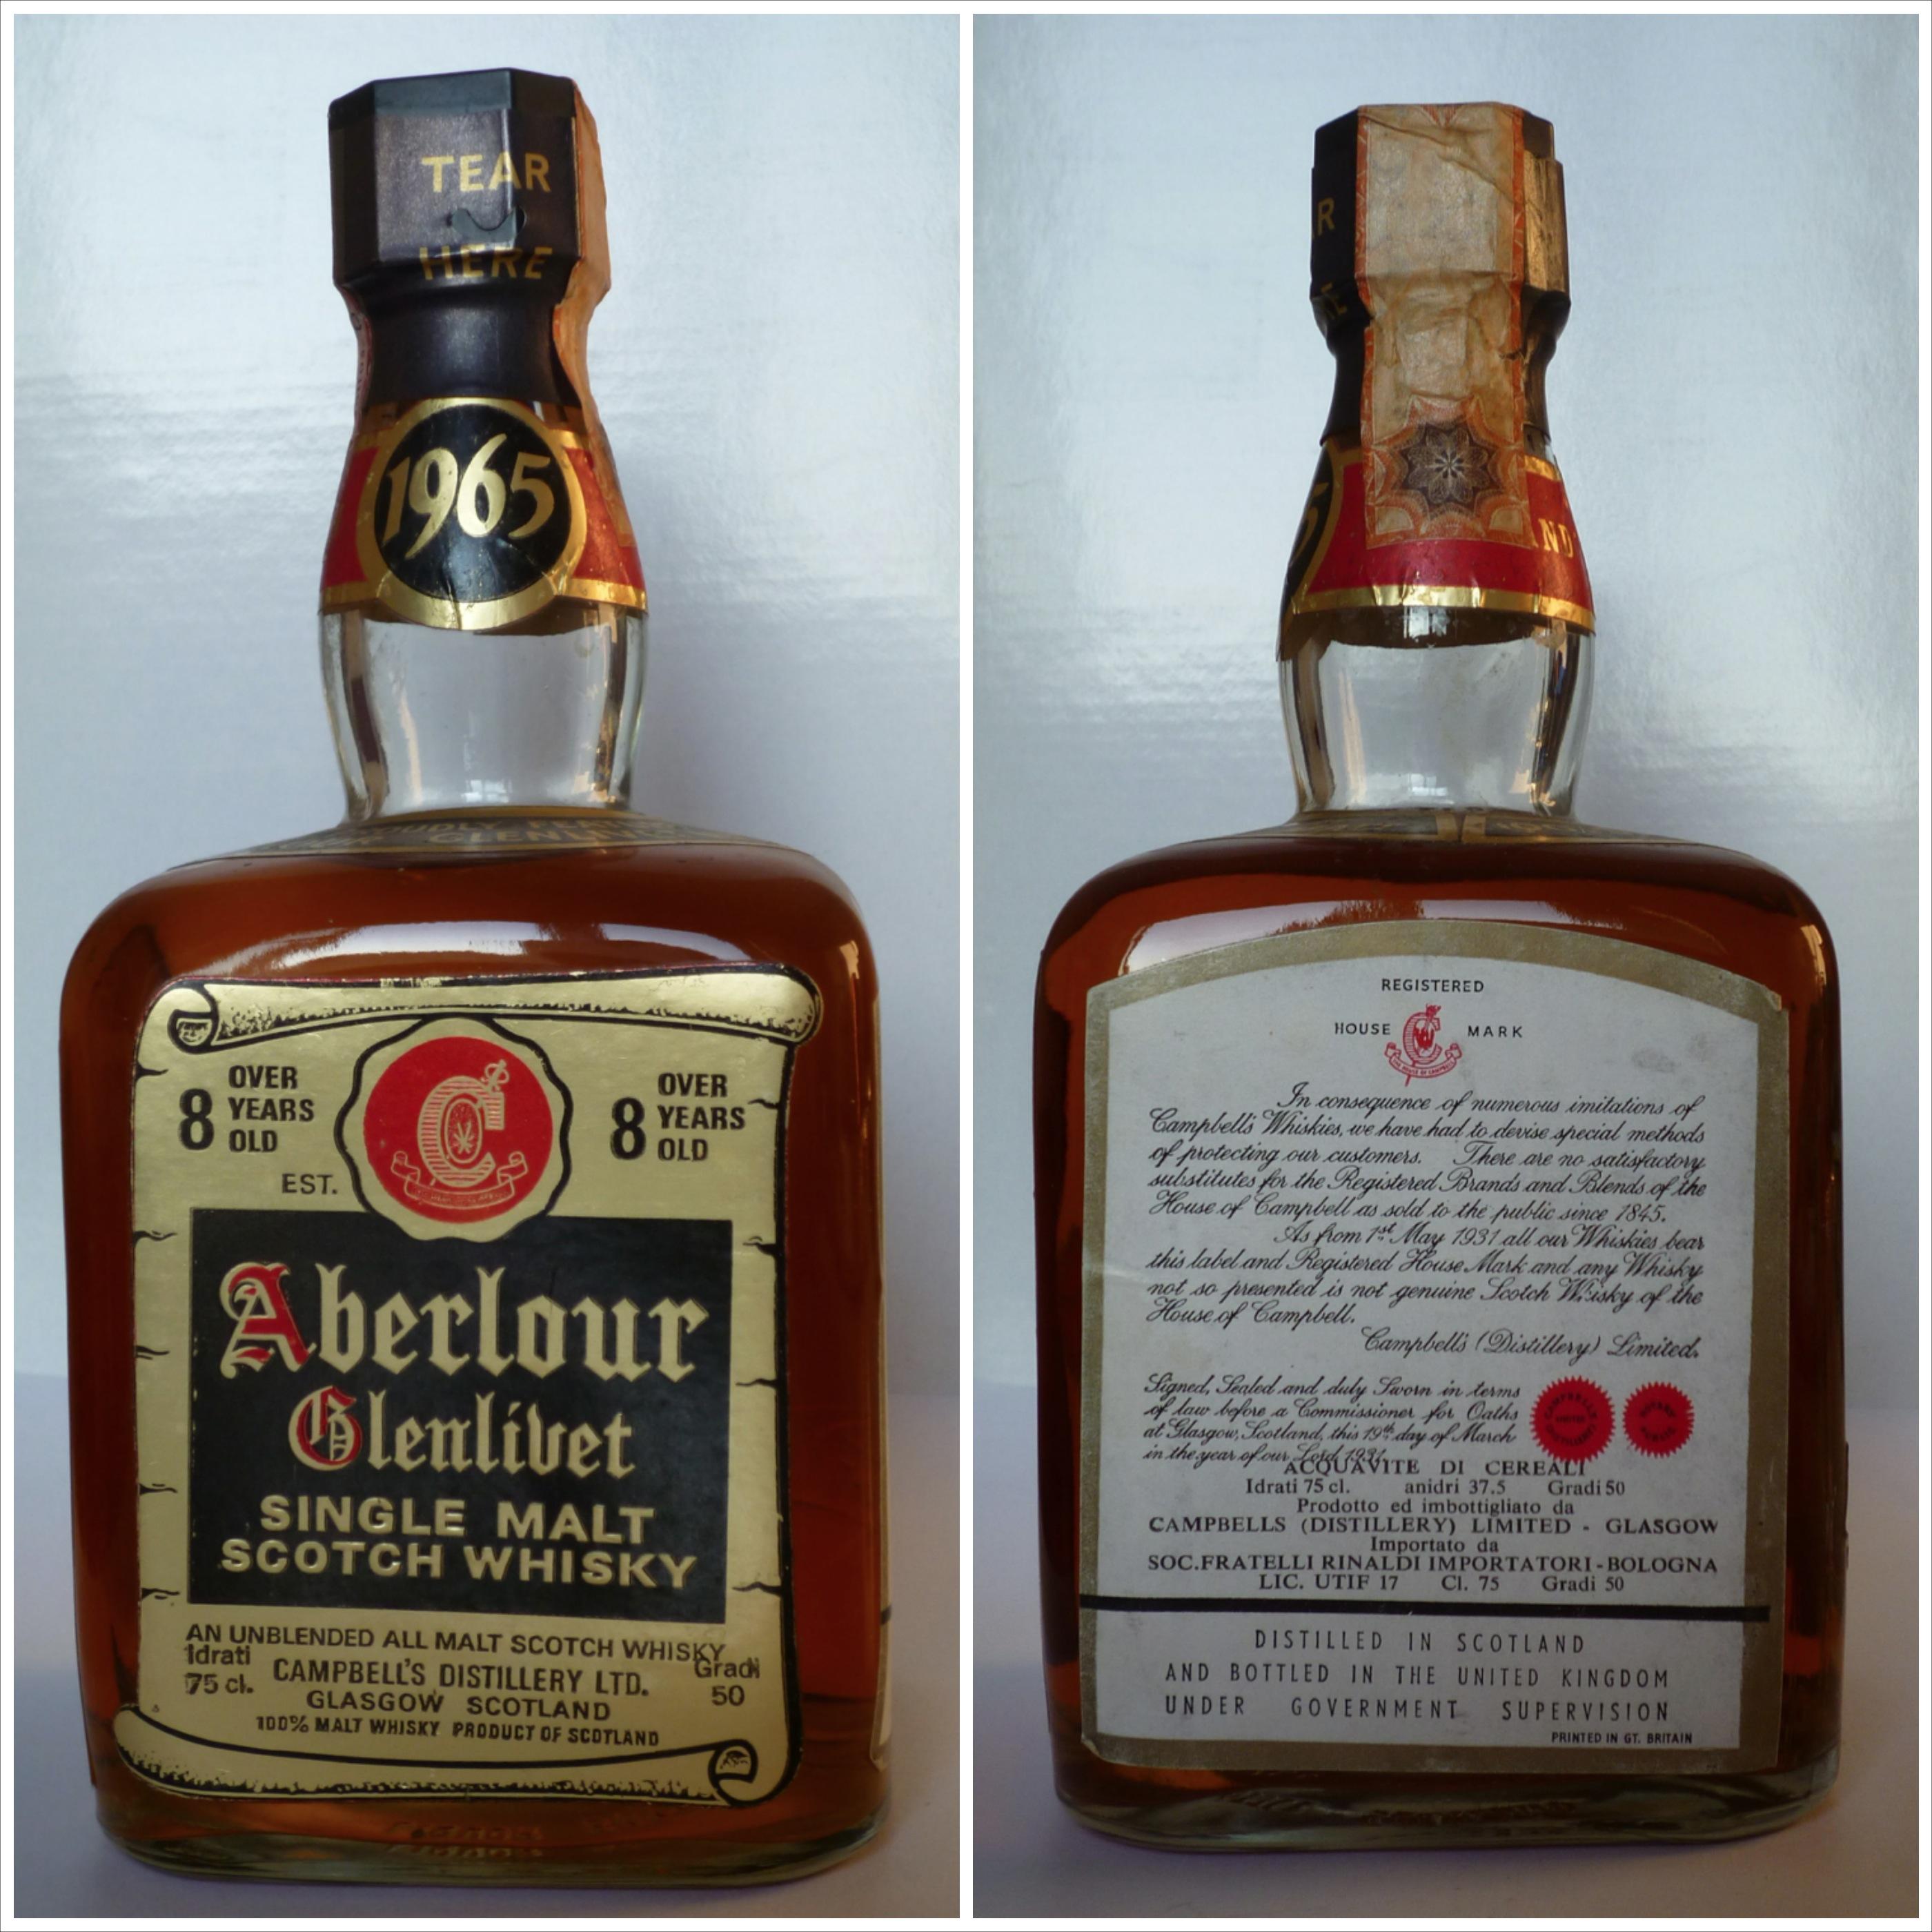 whisky Aberlour Glenlivet 1965